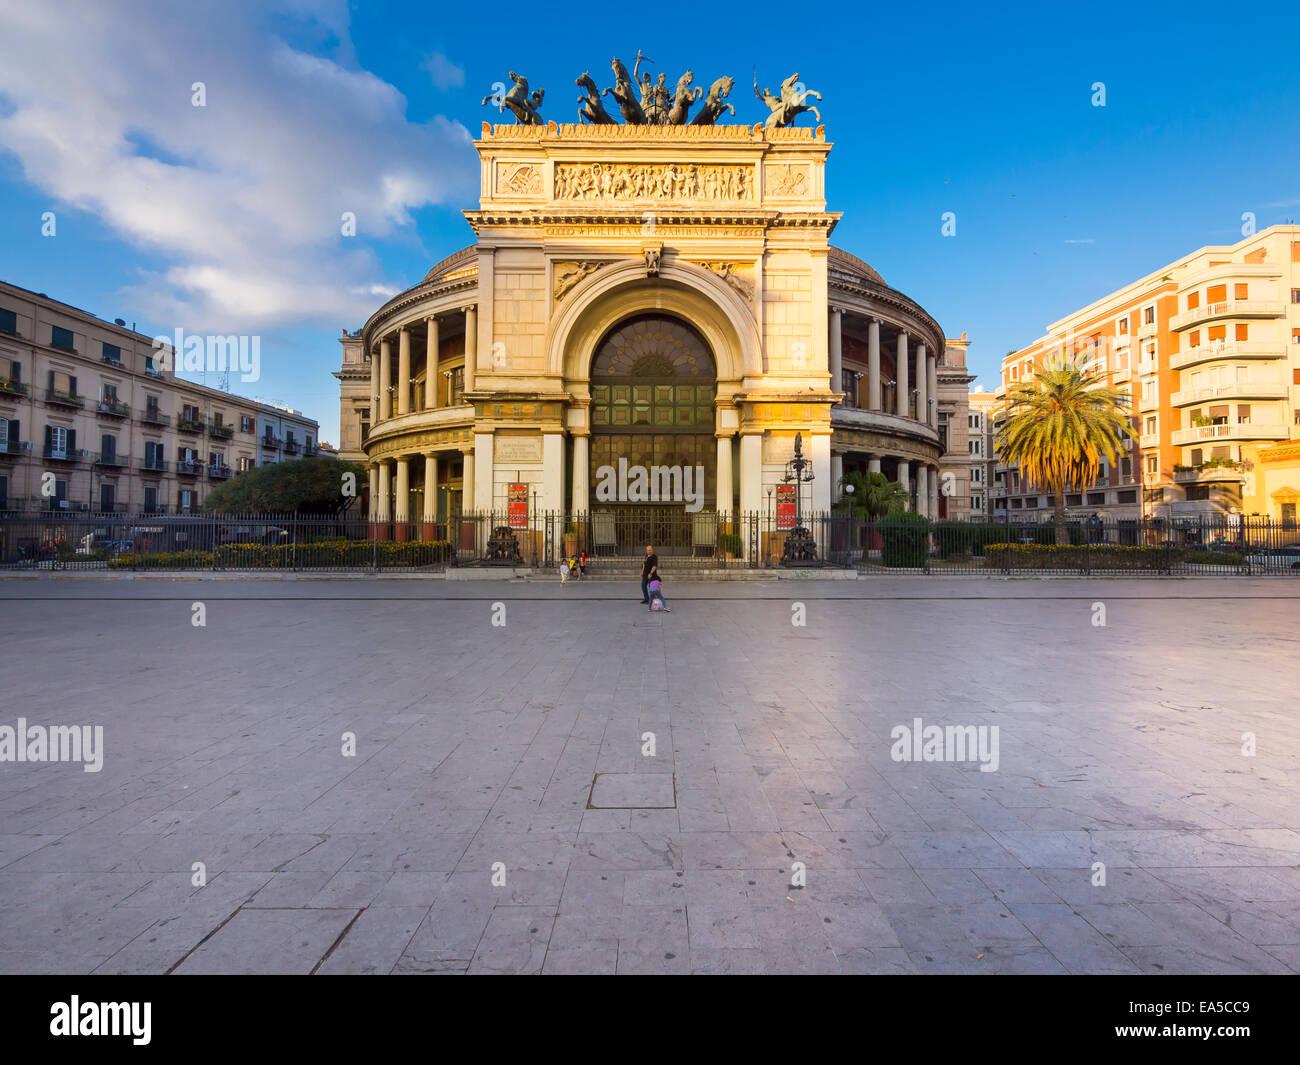 Italy, Sicily, Palermo, Teatro Politeama Garibaldi at Piazza Re Ruggero Settimo Stock Photo